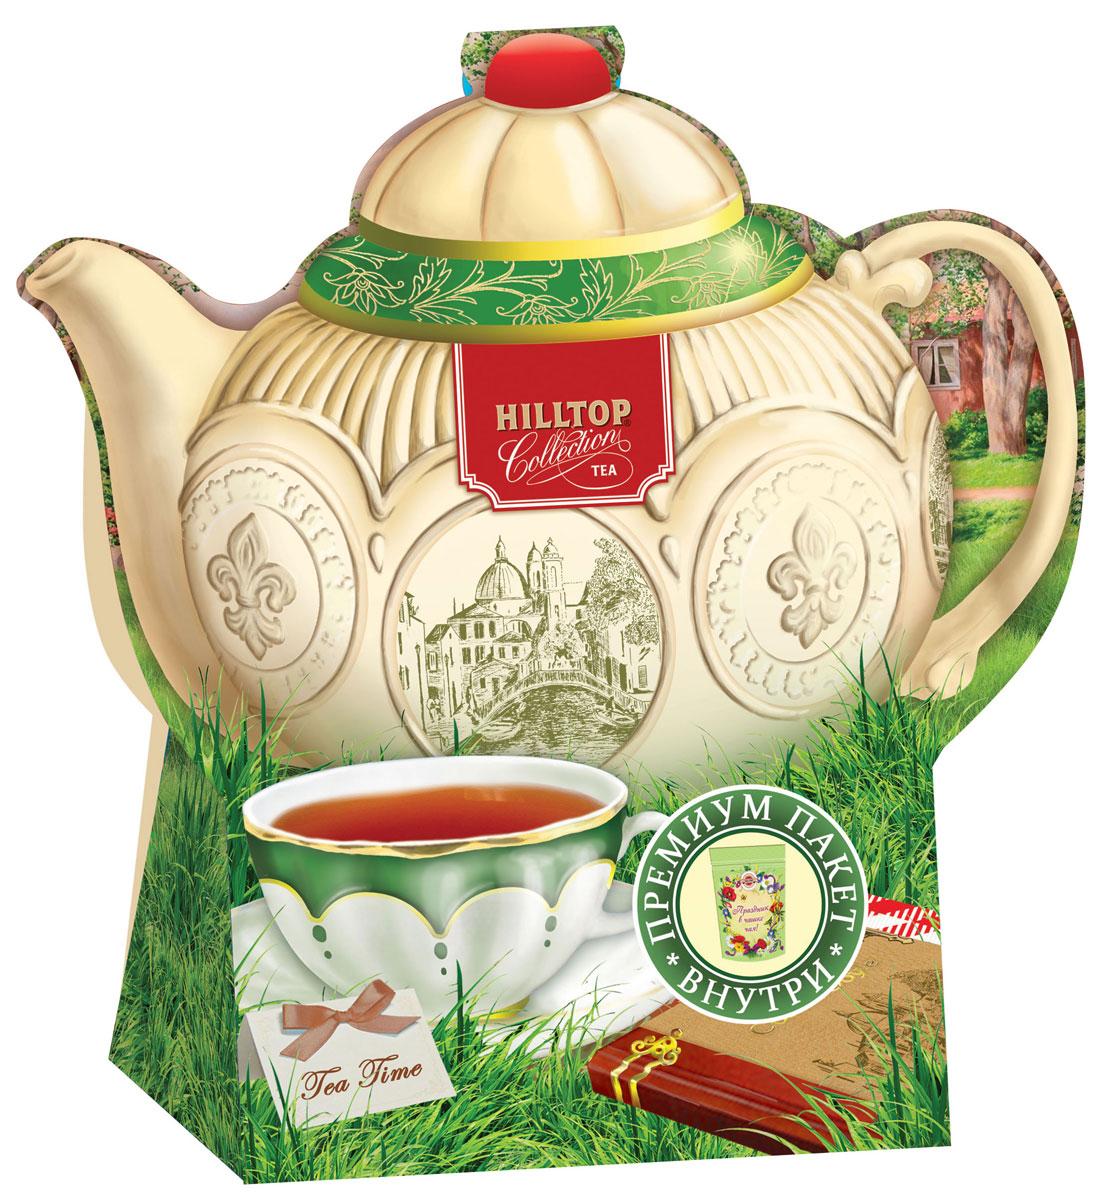 Hilltop Подарок Цейлона черный листовой чай, 80 г (чайник Английский)4607099306721Крупнолистовой цейлонский черный чай Hilltop Подарок Цейлона с глубоким, насыщенным вкусом и изумительным ароматом. Благодаря красивой праздничной упаковке вы можете подарить этот прекрасный чай своим друзьям и близким.